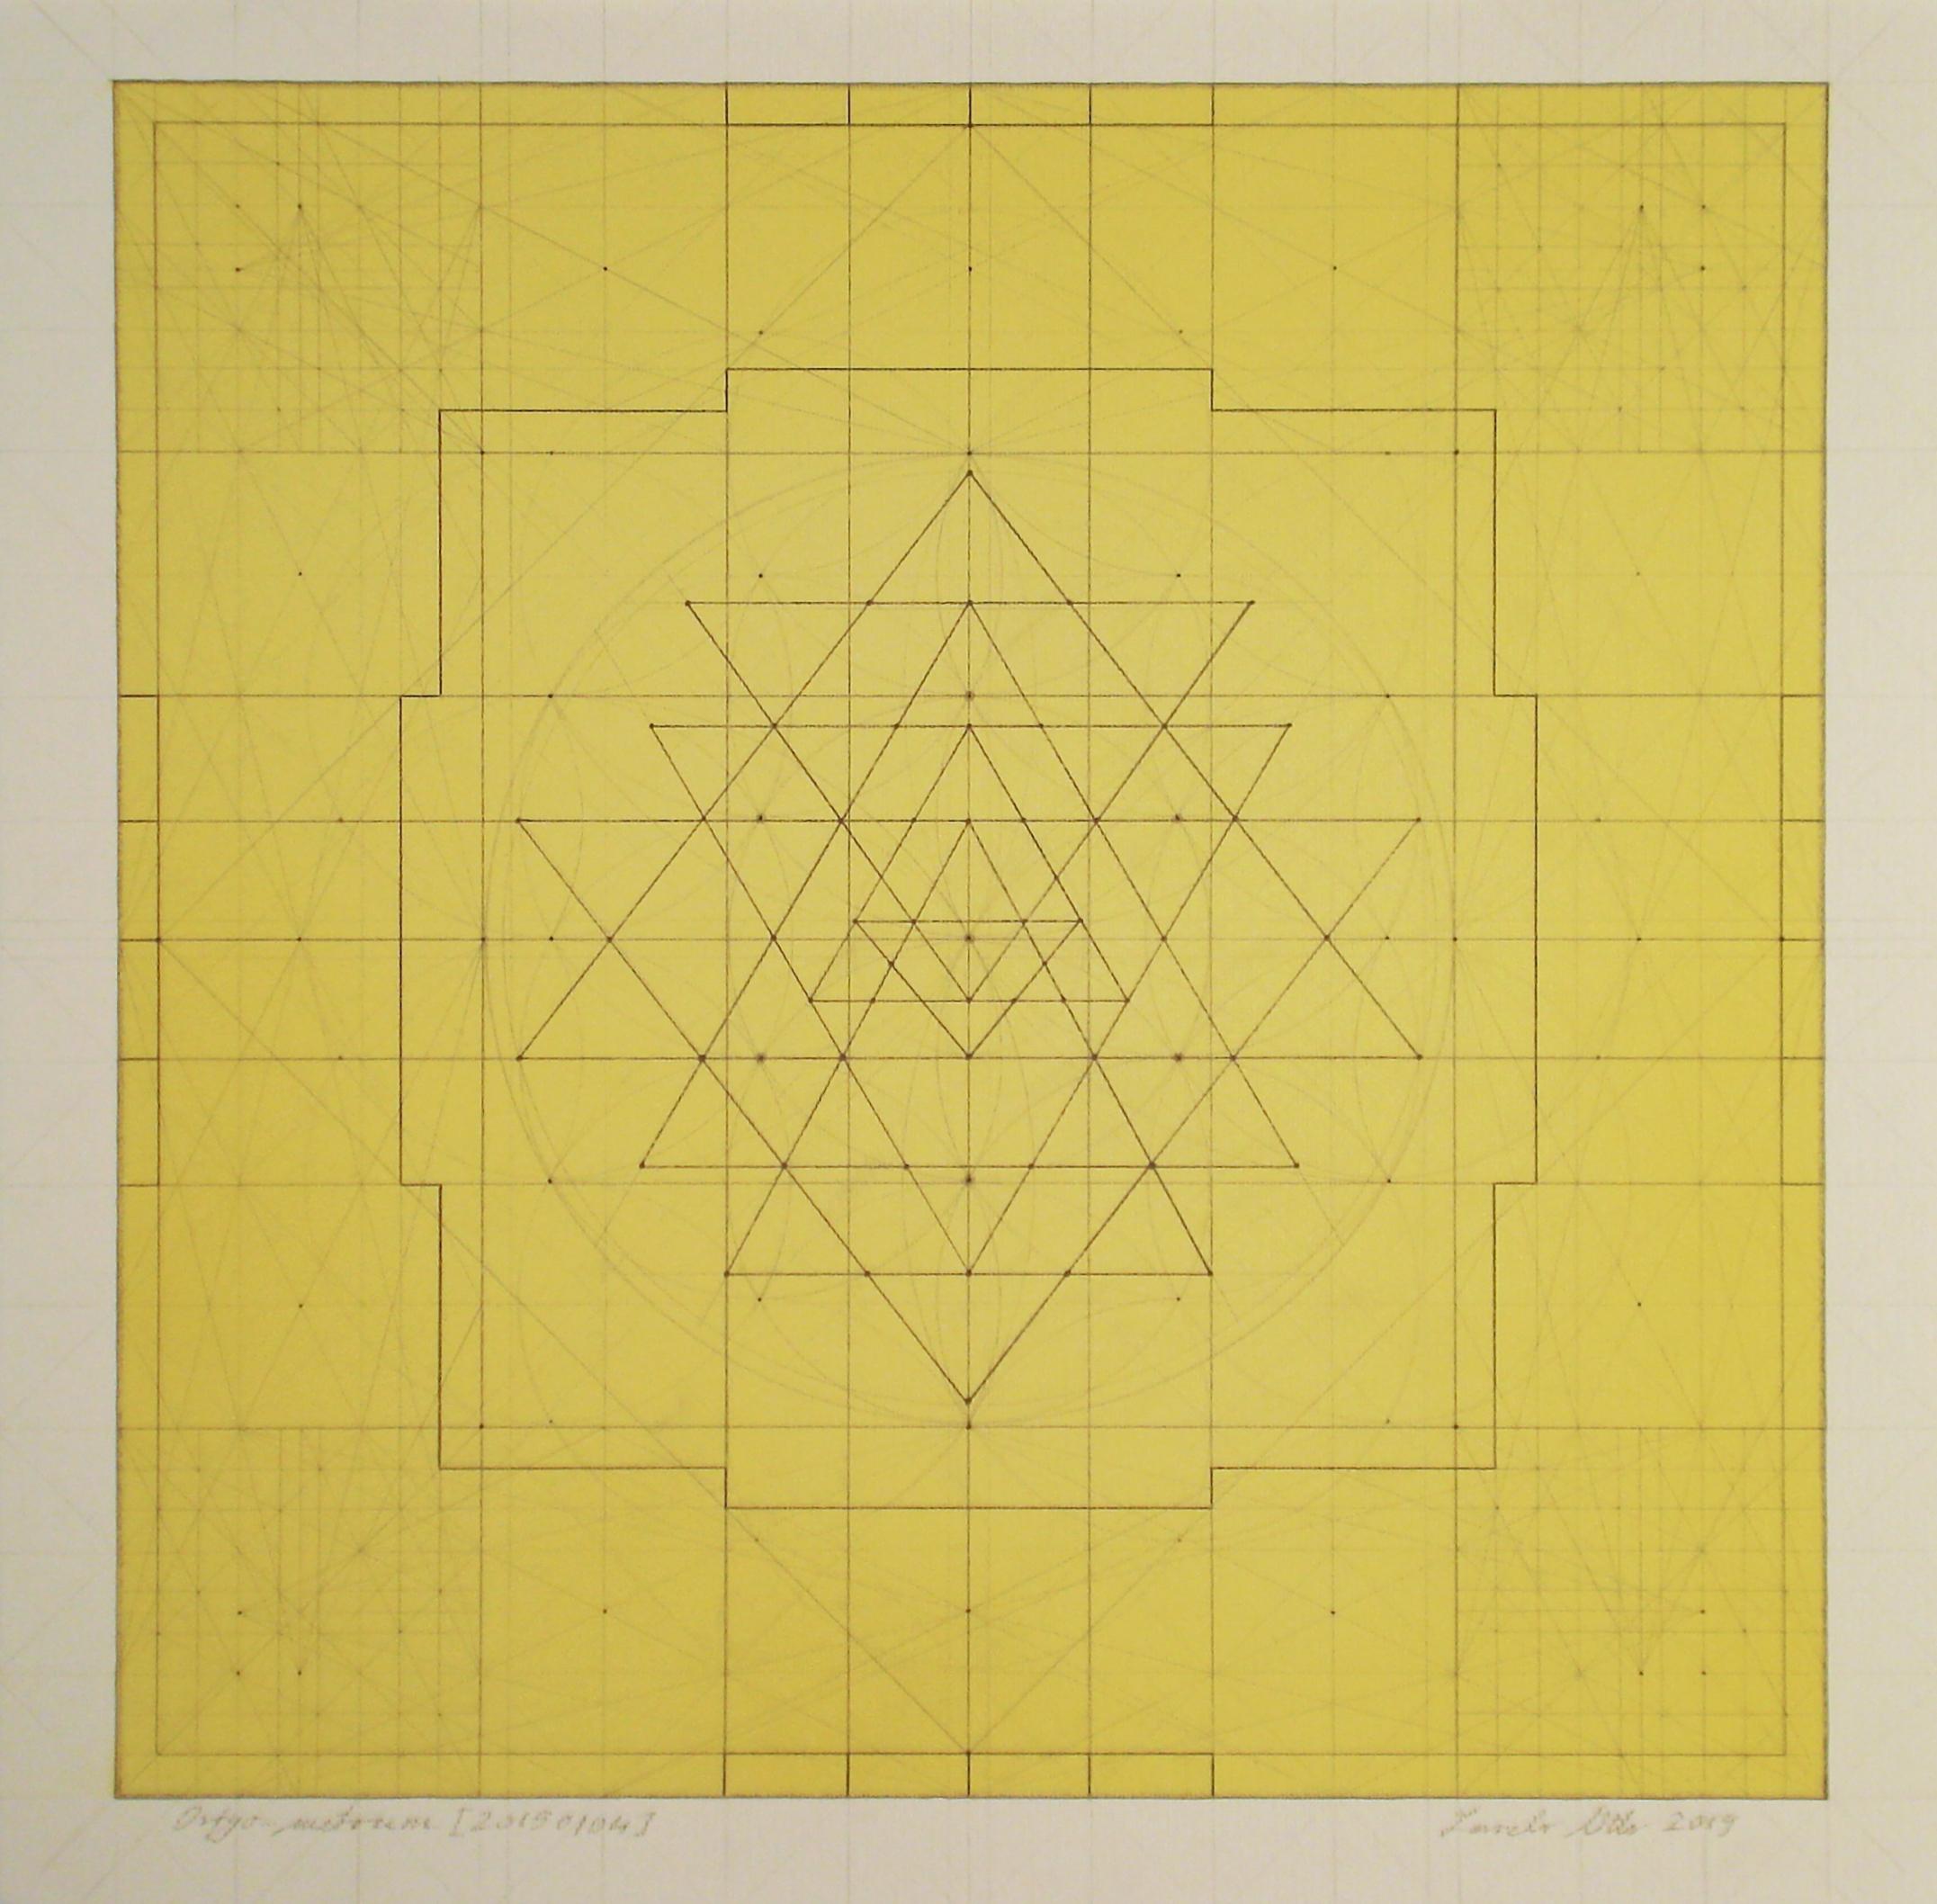 Origo-metrum [20190104], pencil on paper, color pigment, 17 3/4 x 17 3/4 in. [45x45cm]